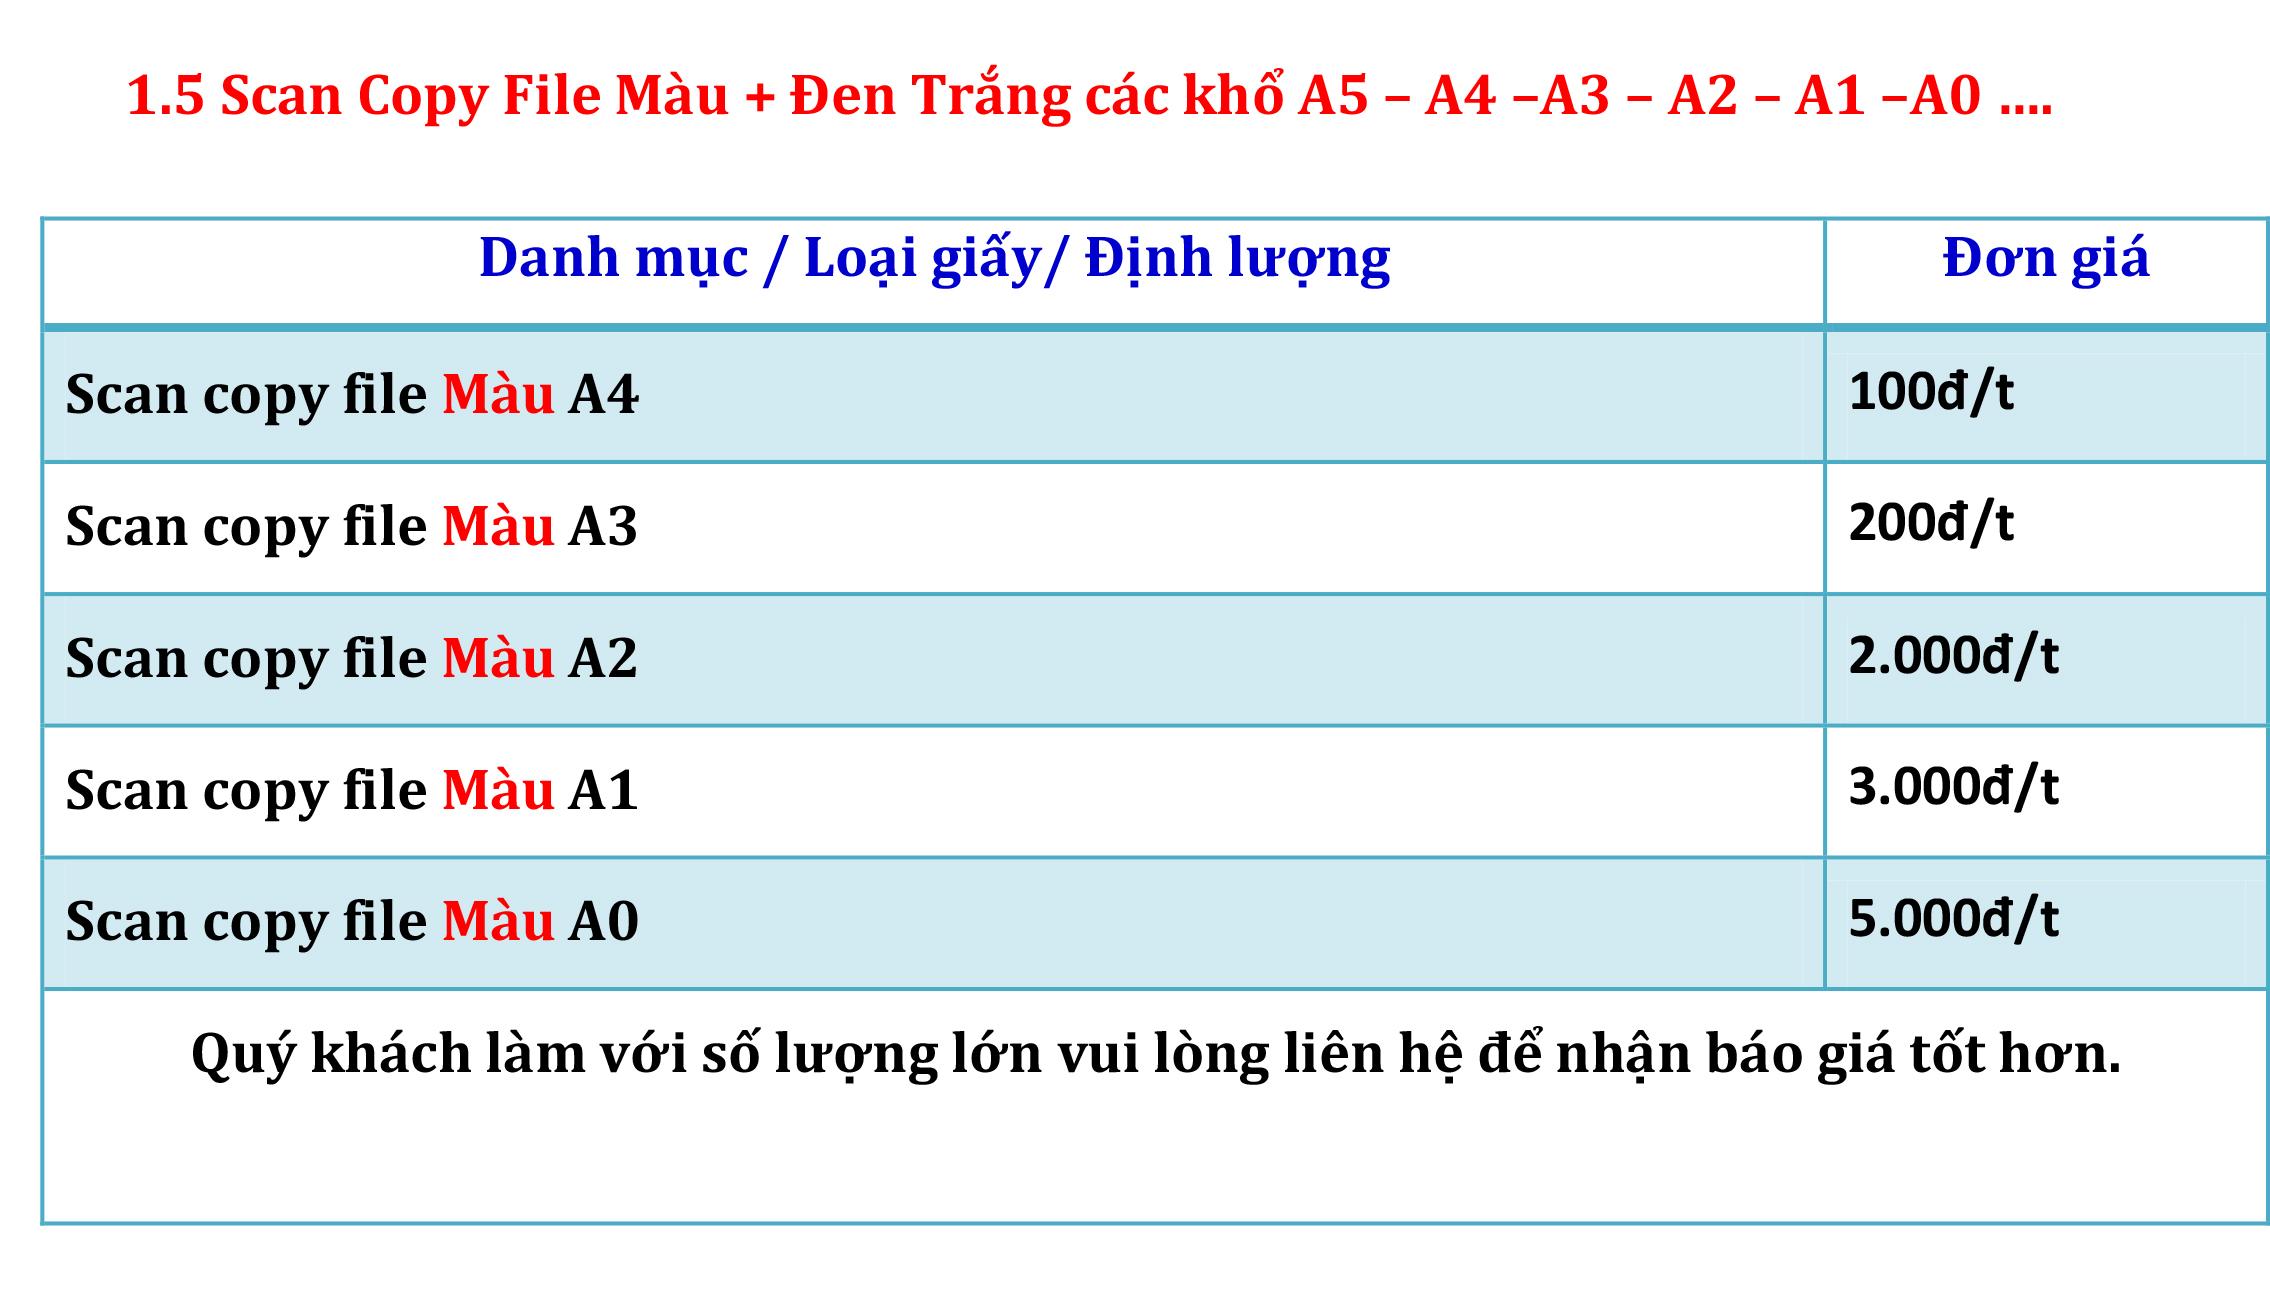 1.5 Scan Copy File Màu + Đen Trắng các khổ A5 – A4 –A3 – A2 – A1 –A0 …..jpg